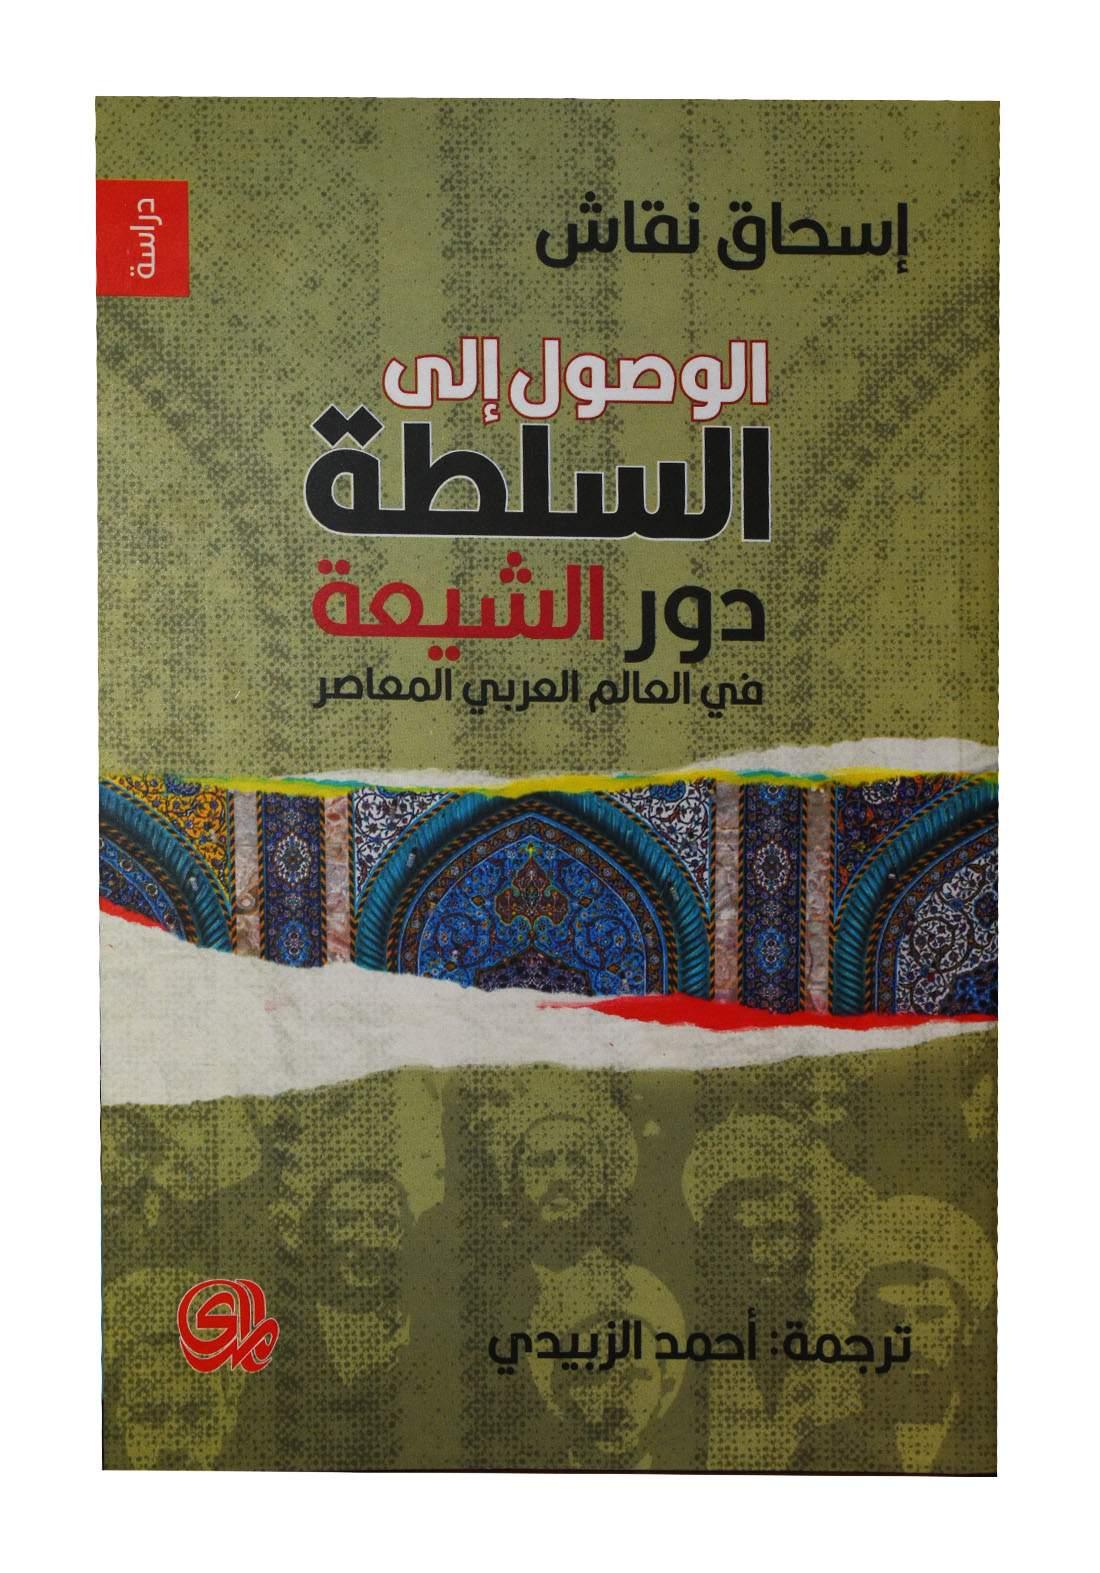 الوصول الى السلطة دور الشيعة في العالم العربي المعاصر